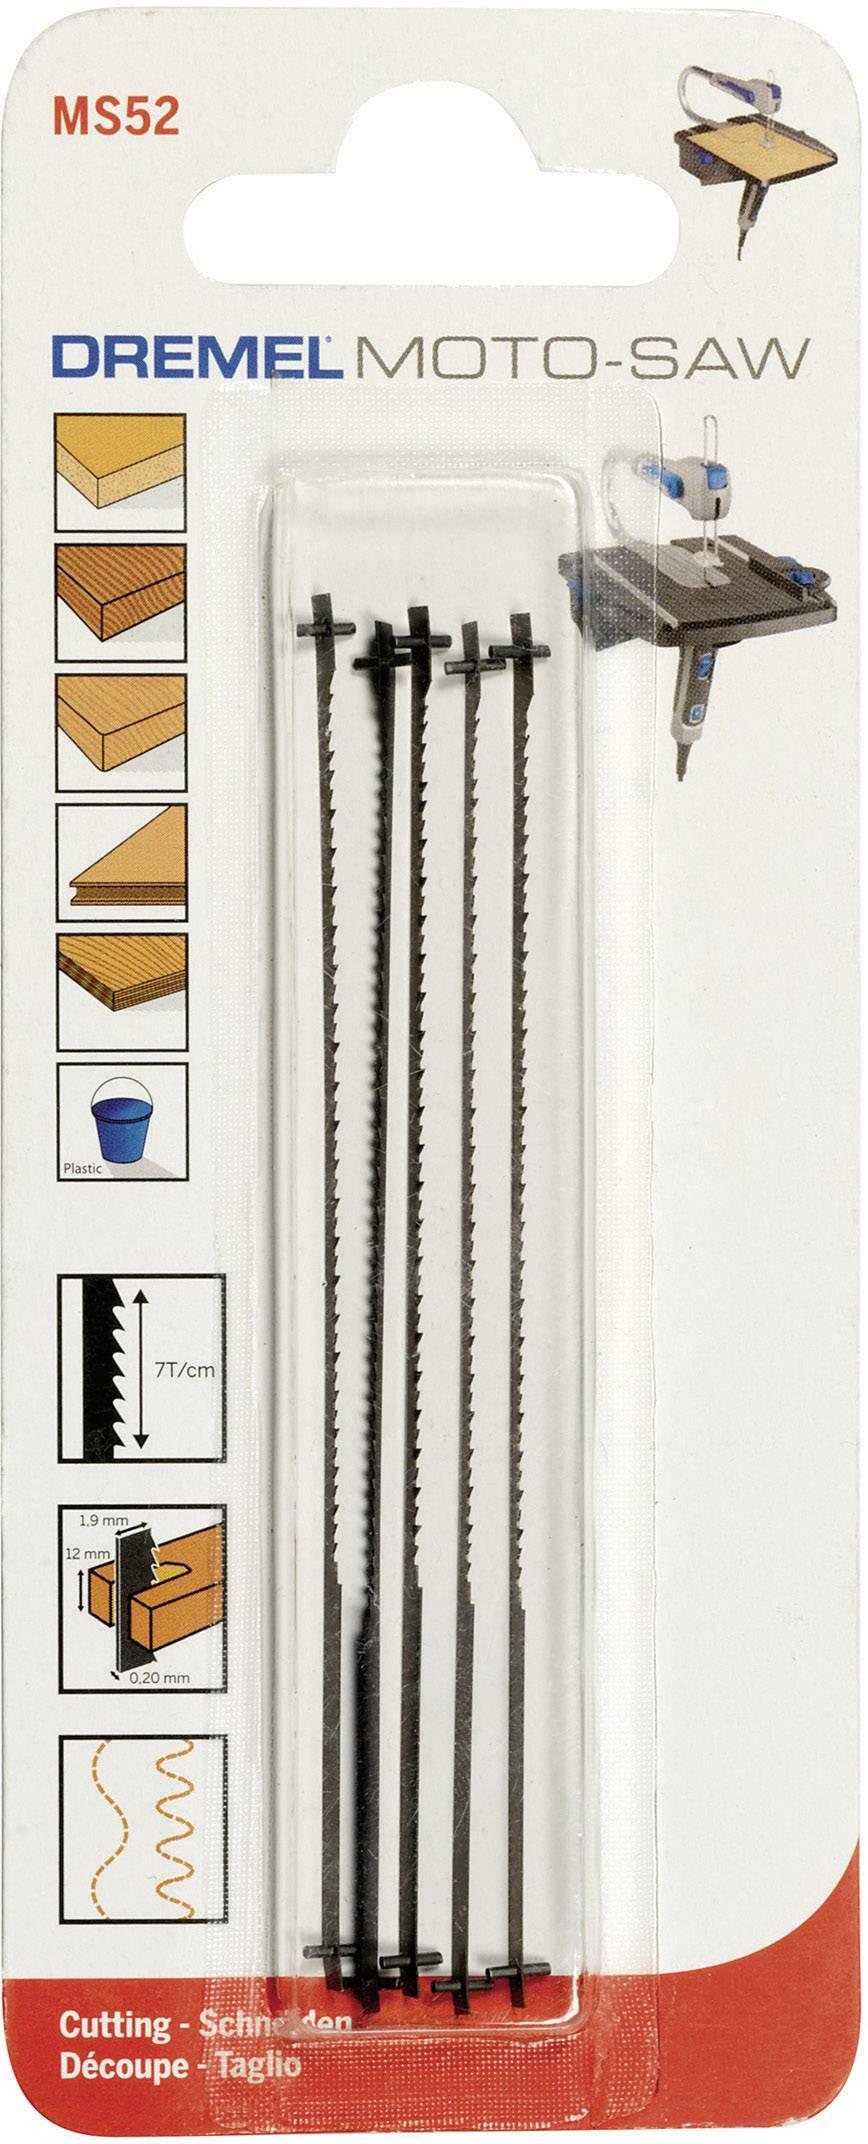 Pilový list jemný Dremel MS52 Moto-Saw, 5 ks